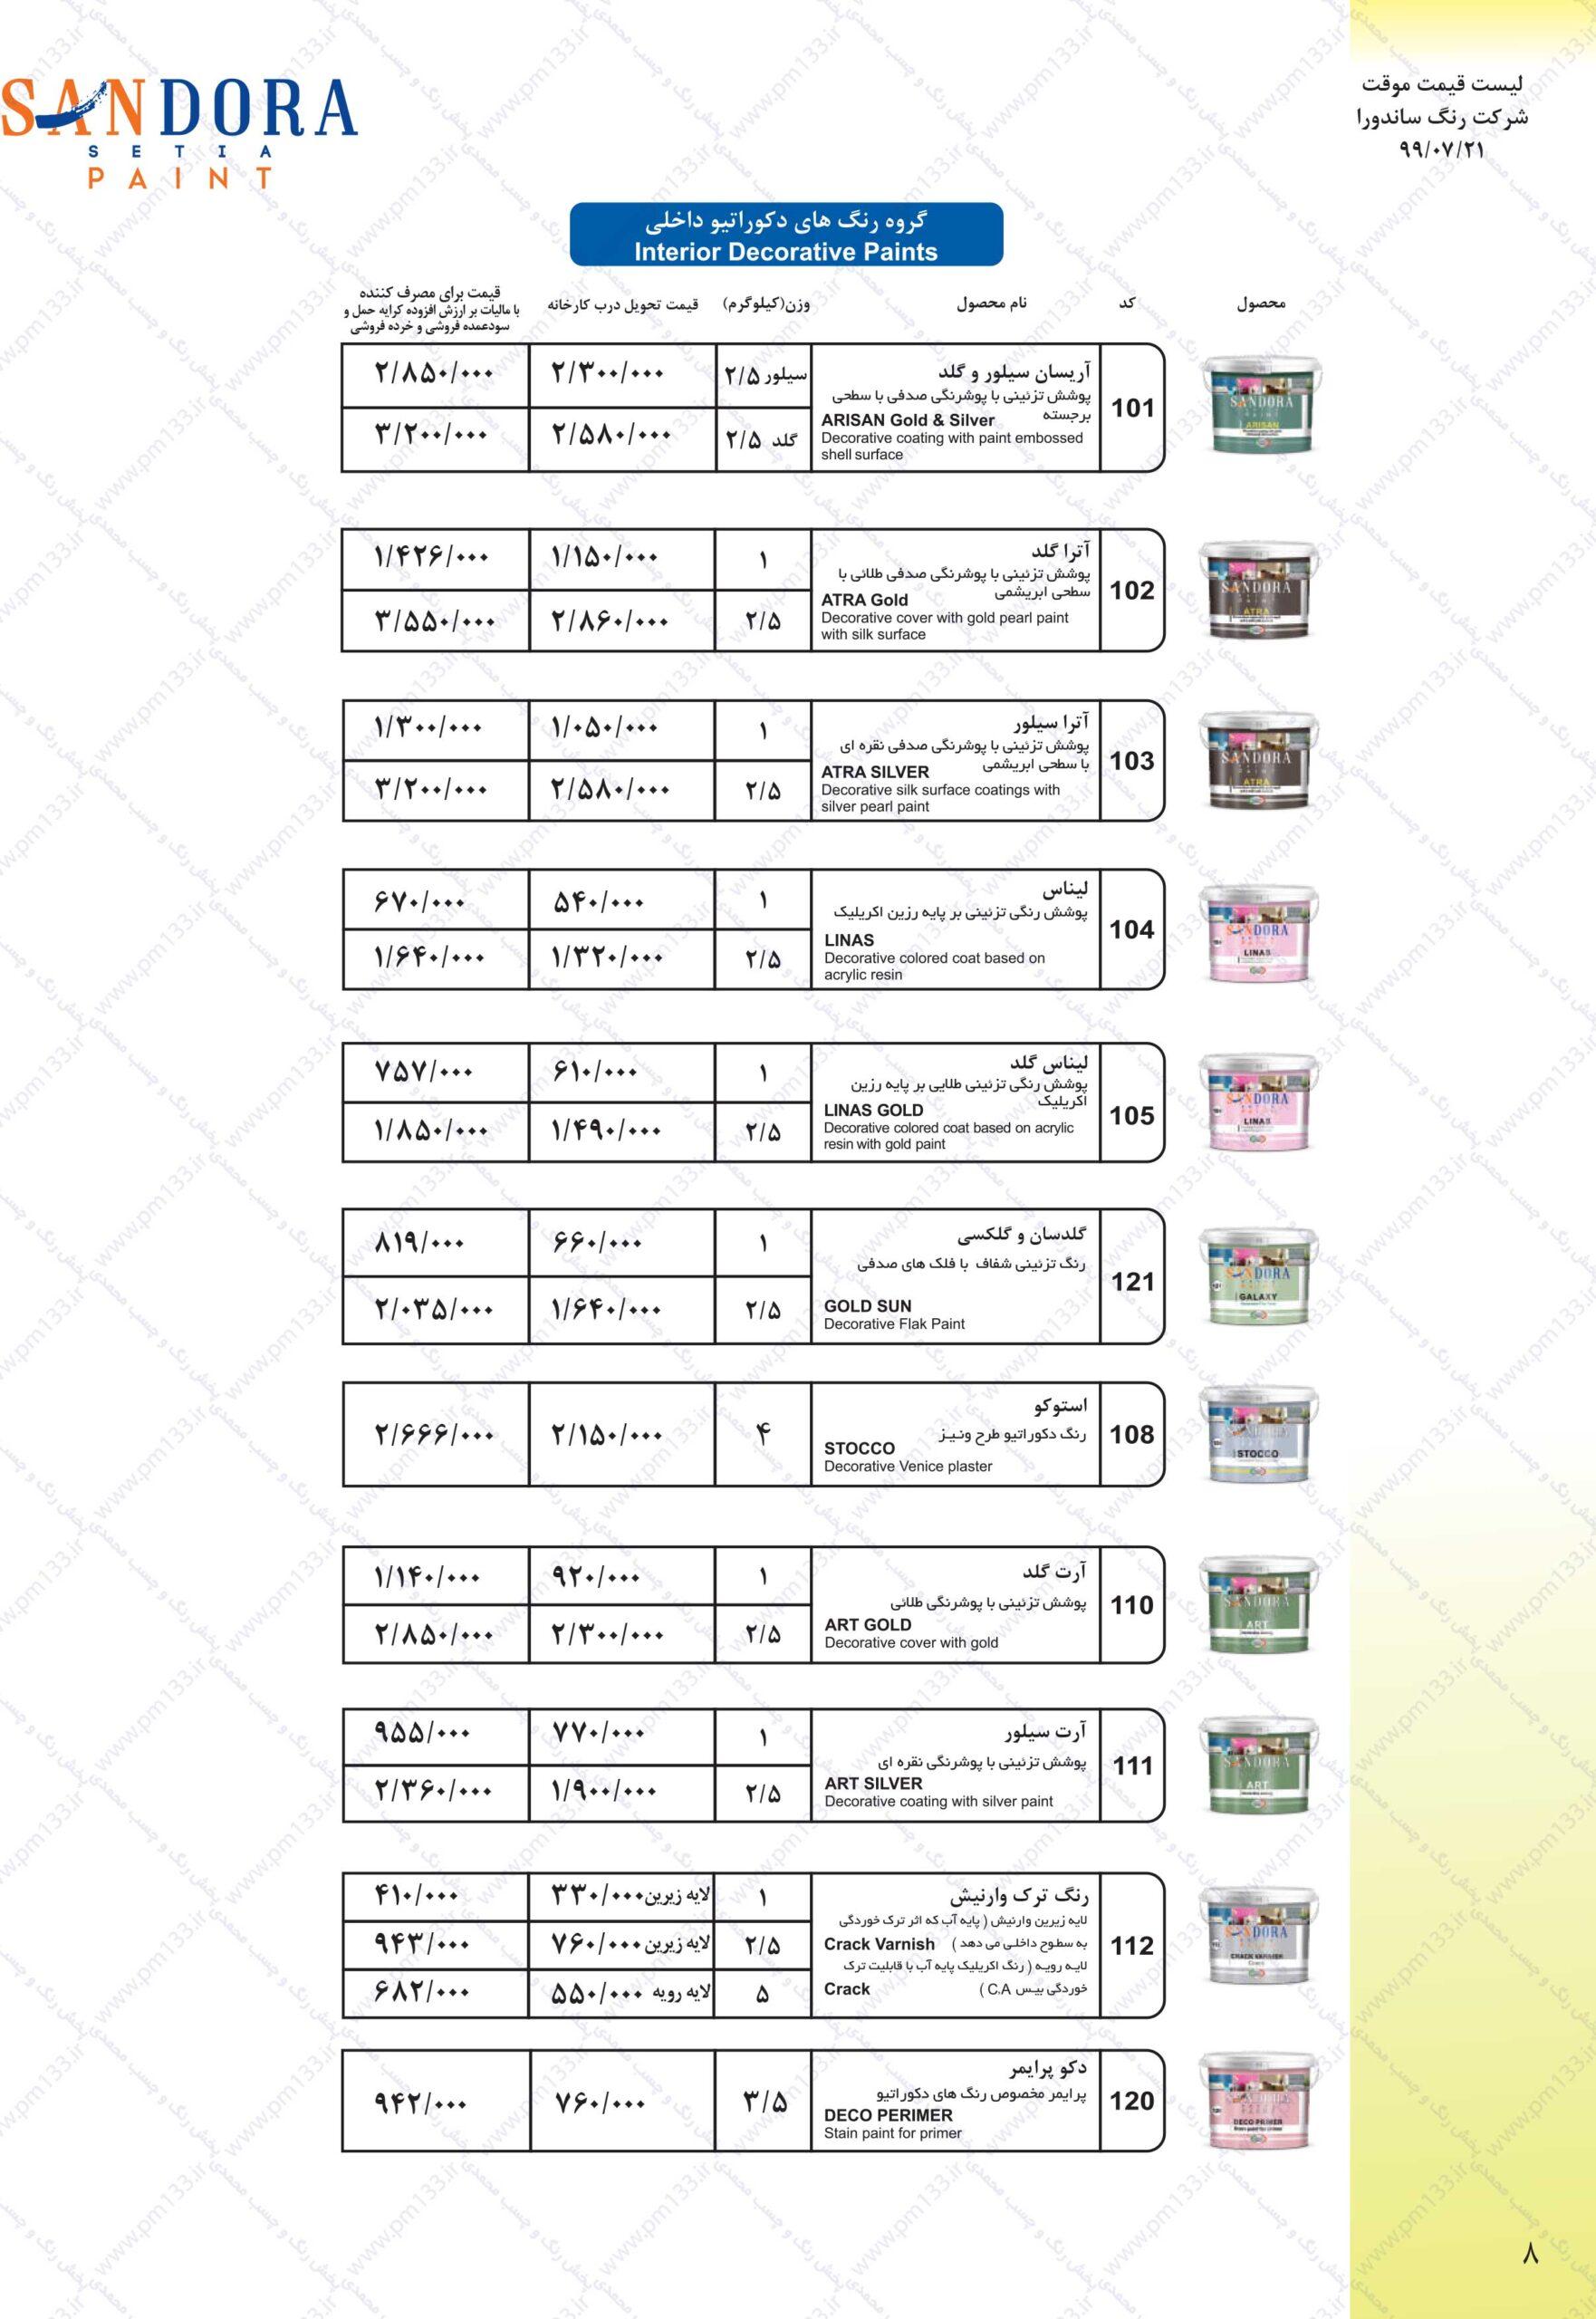 ساندورا لیست قیمت رنگ ساندورا21-07-99 صفحه هشتم